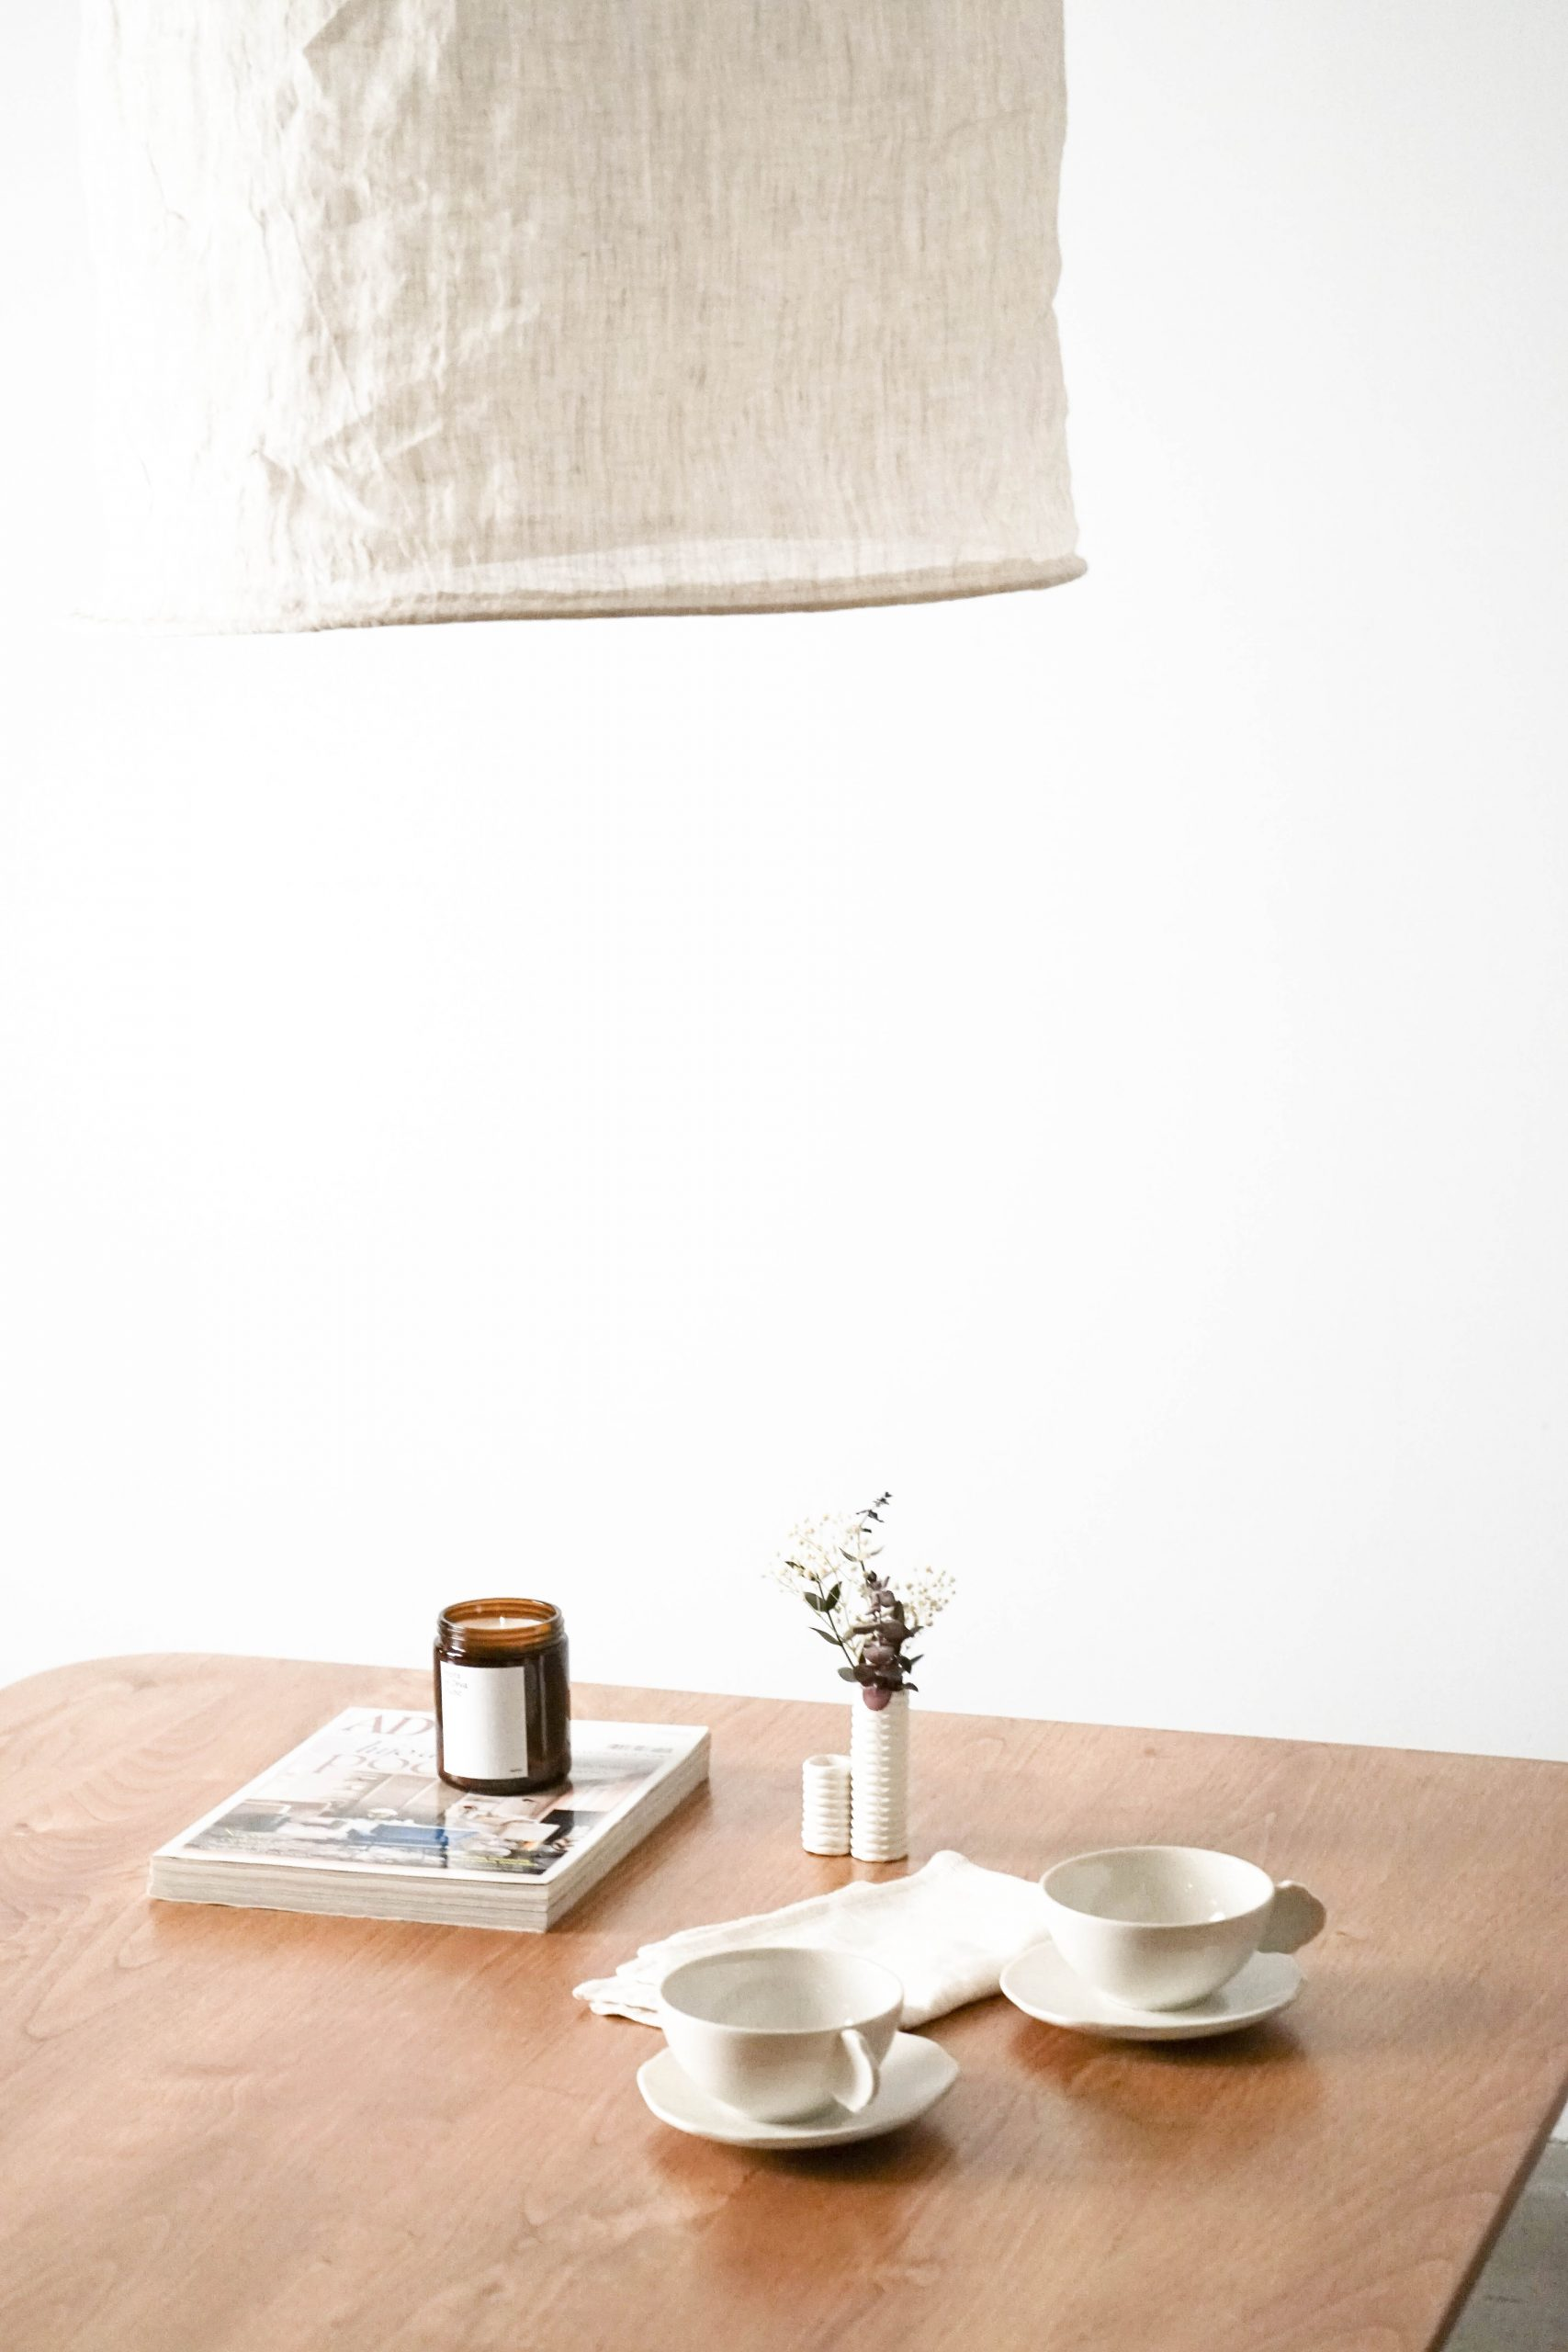 mesa de sofa con lampara diseño café revistas velas decoracion